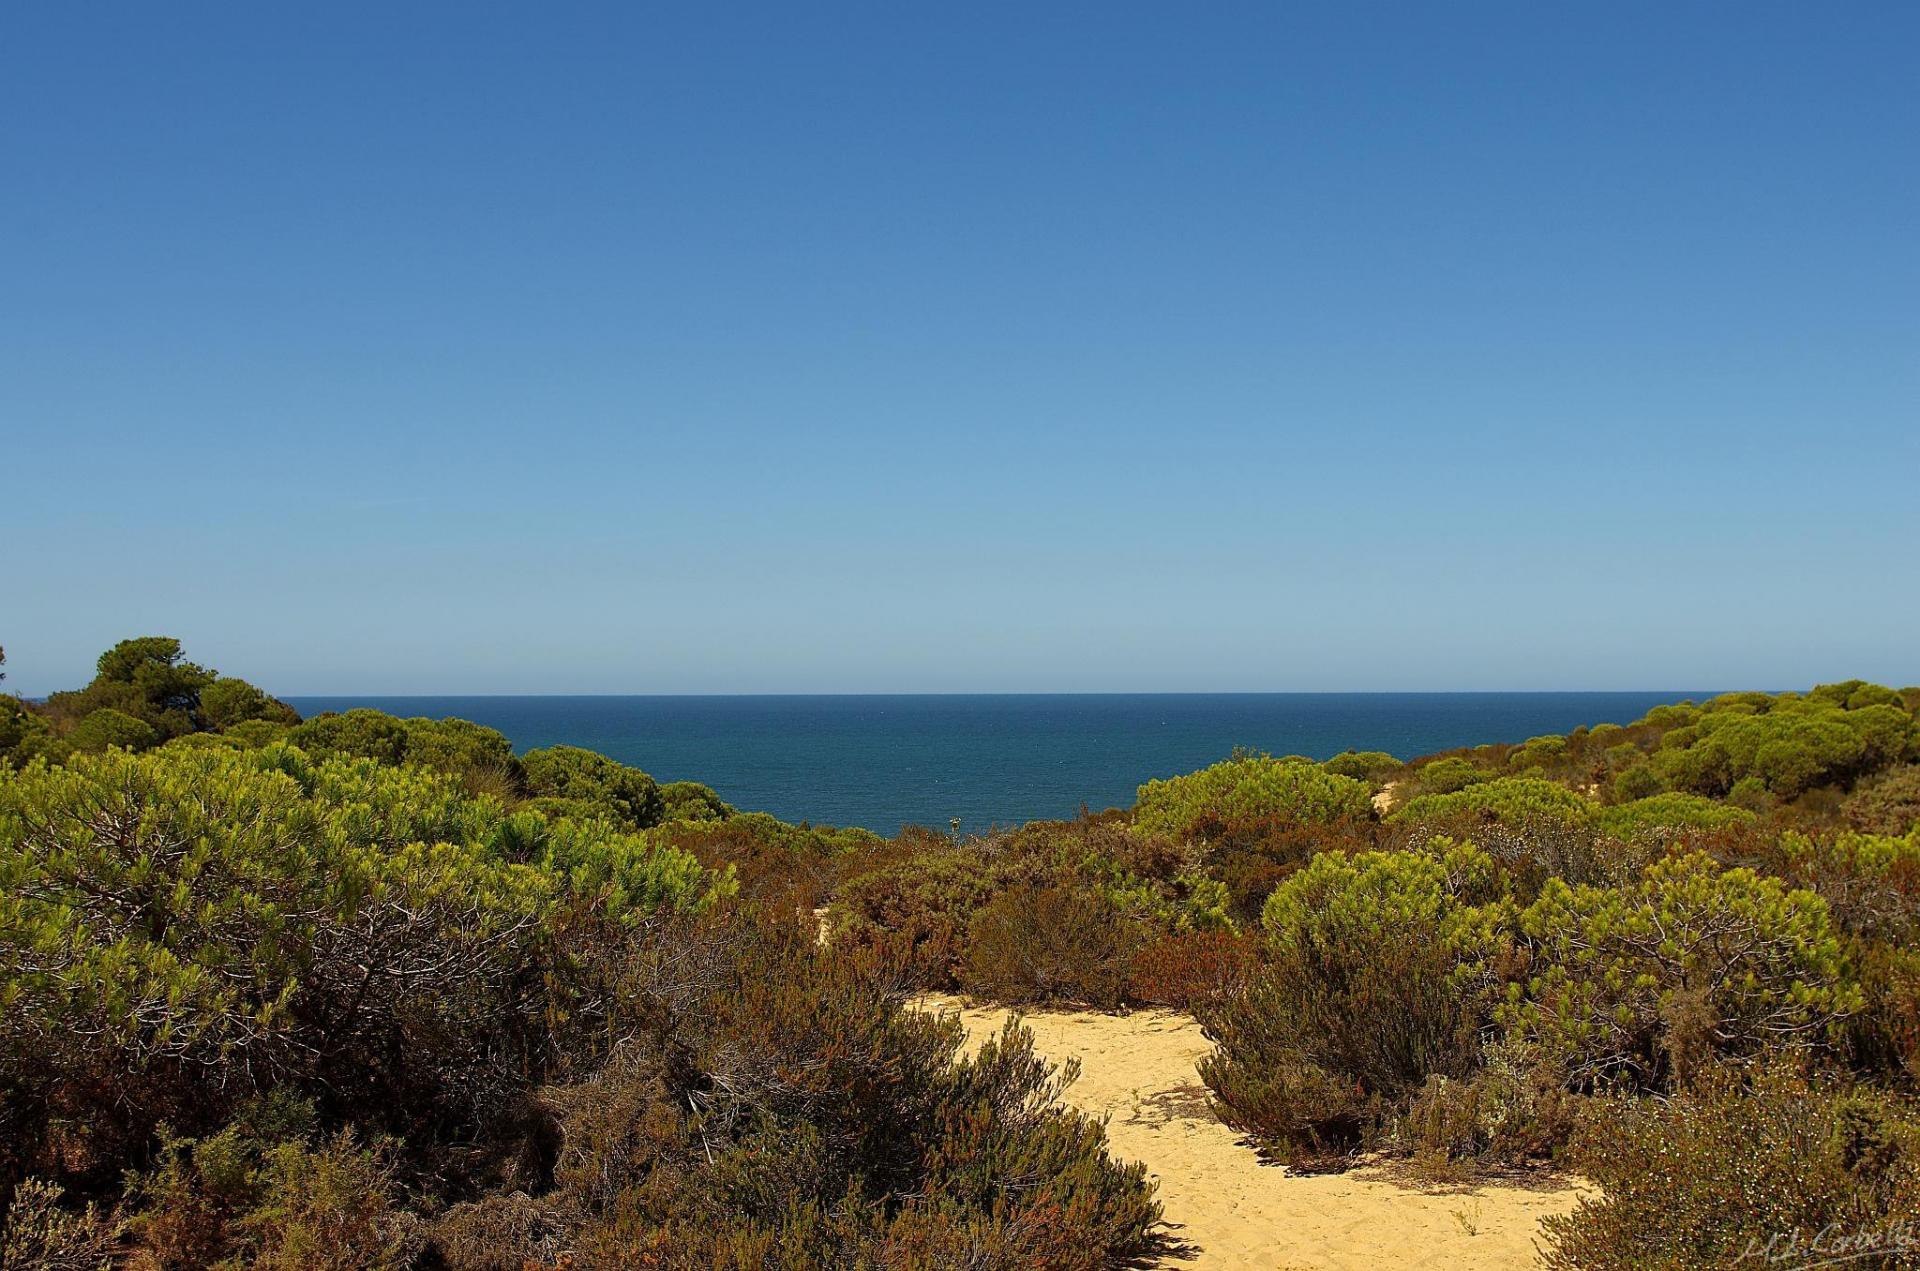 ASPERILLO BEACH